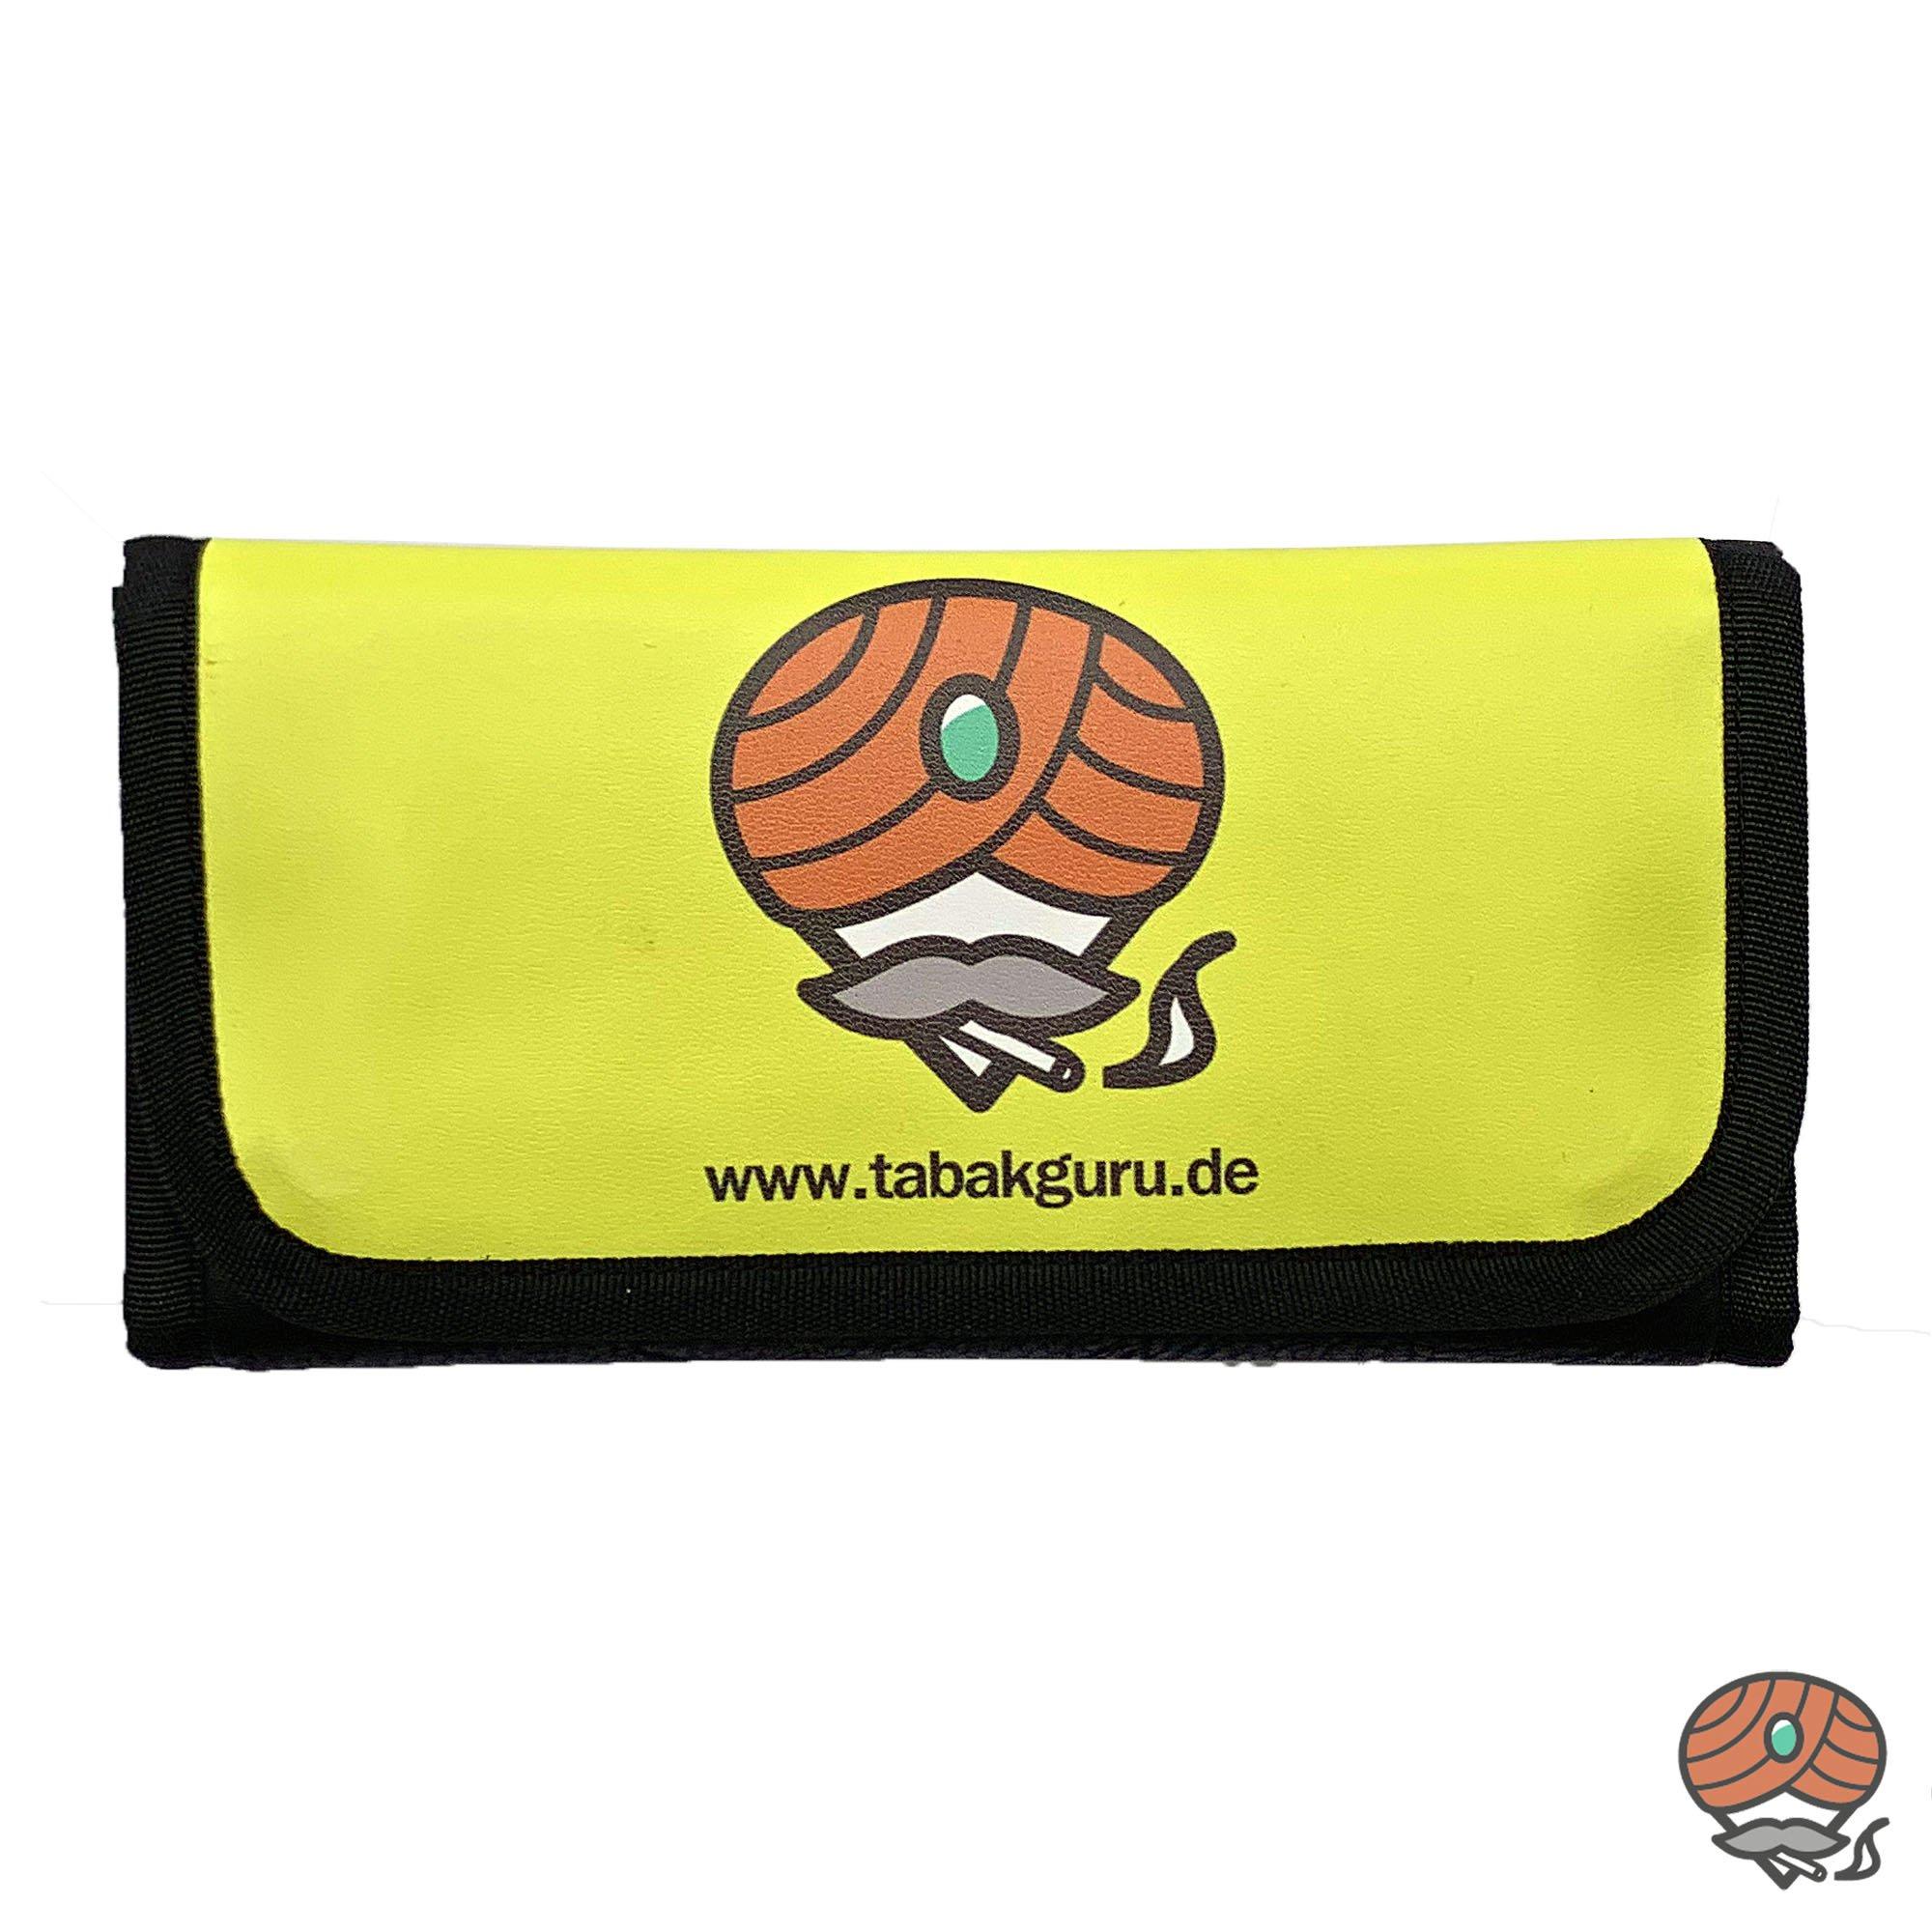 Tabakguru Tabak Beutel / Tasche für Drehtabak und Zubehör Gelb / Schwarz